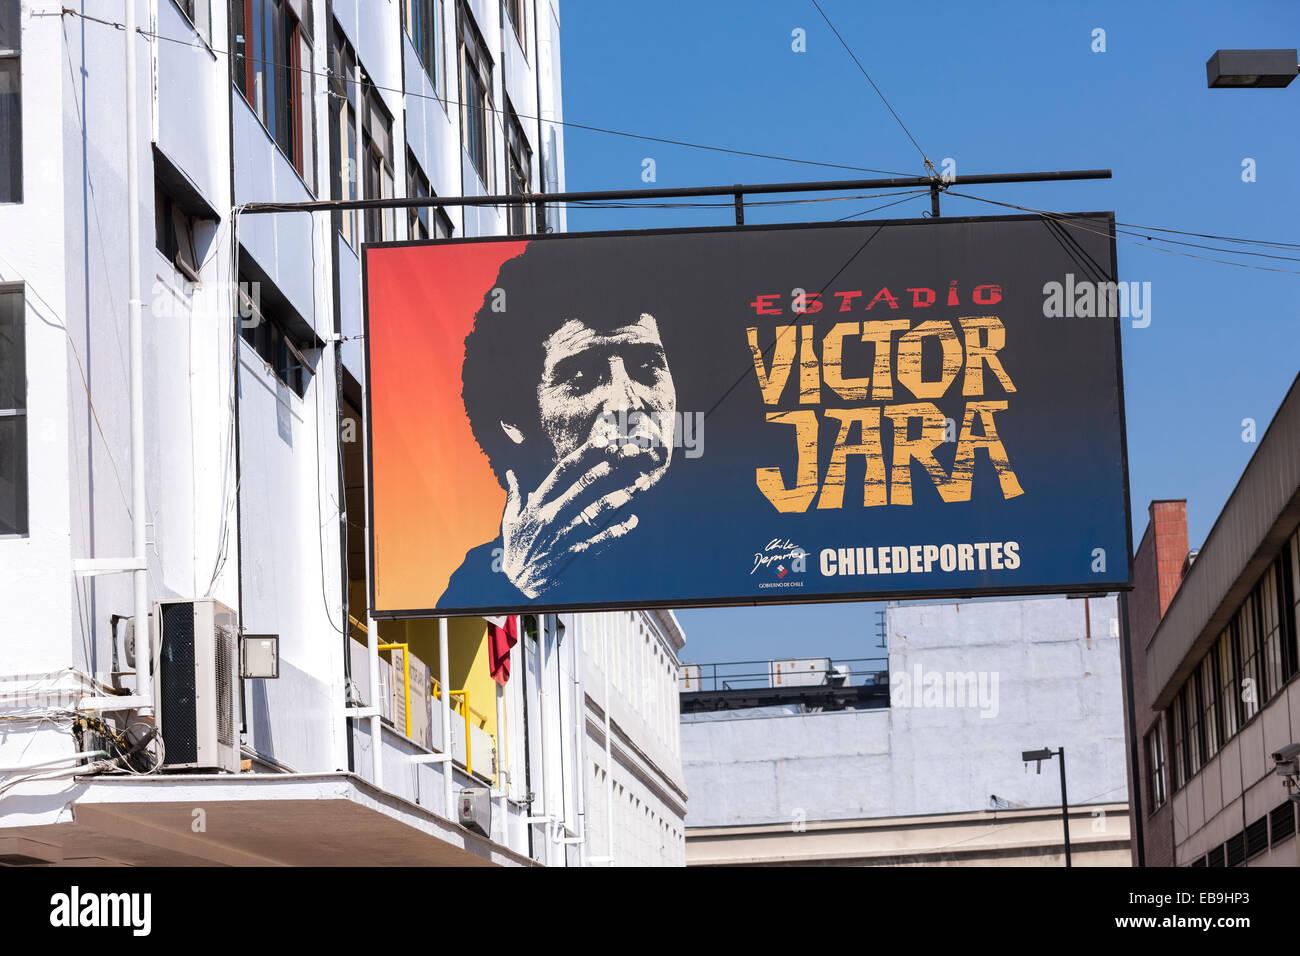 ผลการค้นหารูปภาพสำหรับ victor jara stadium